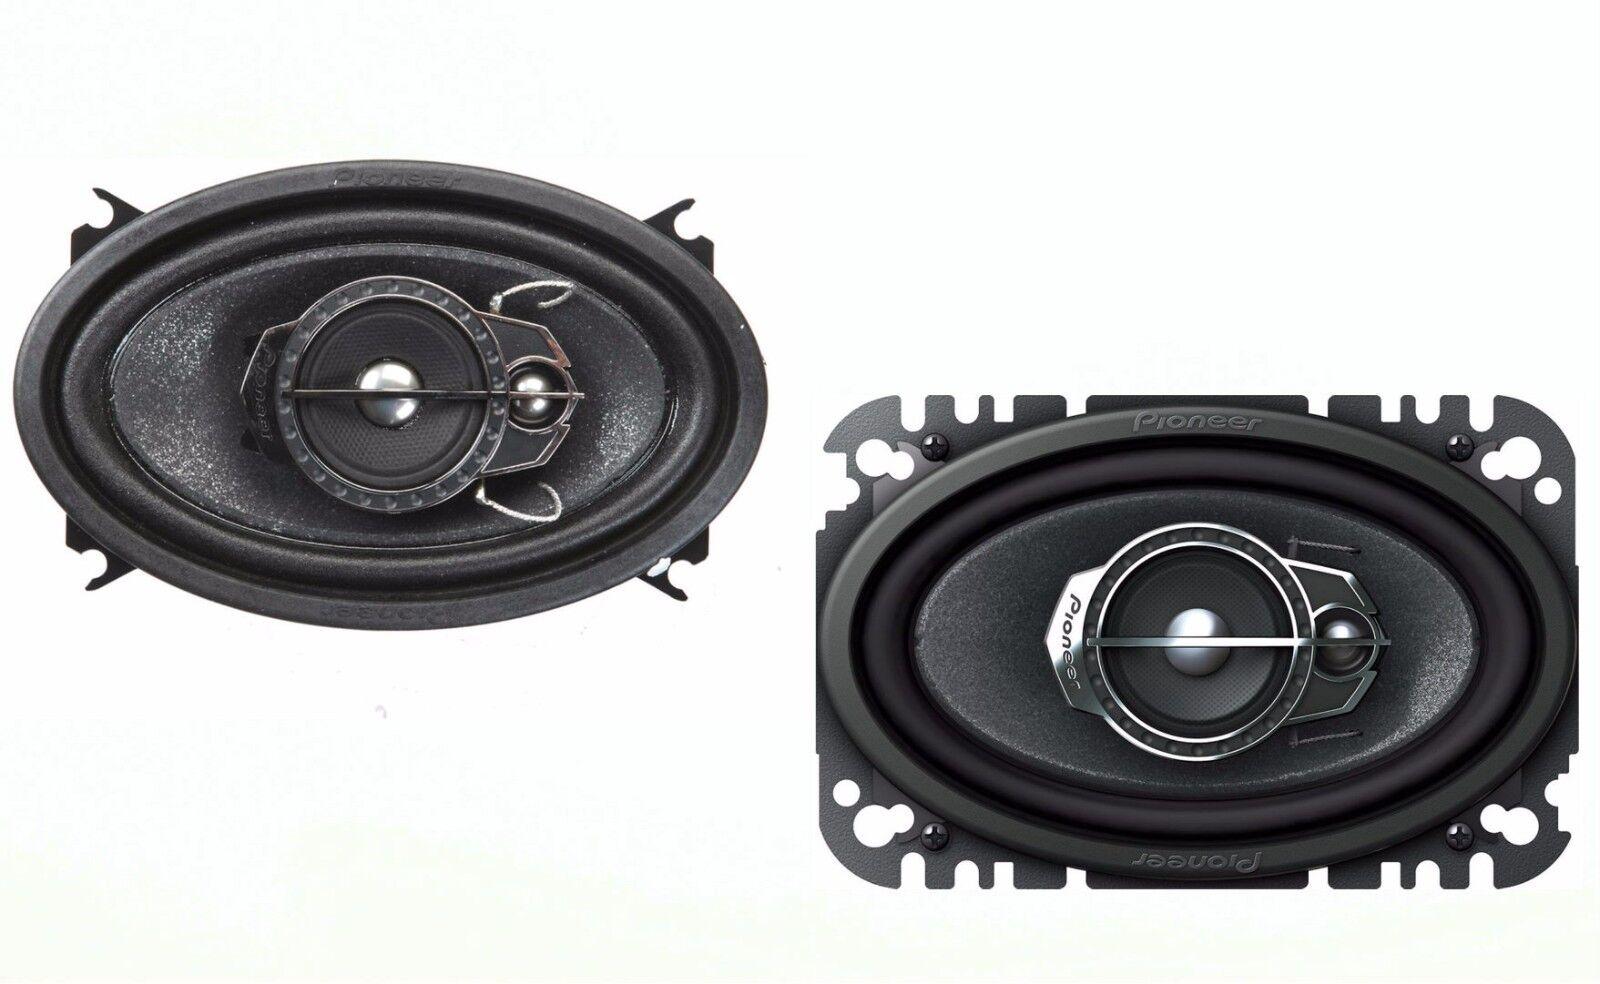 pioneer 4x6 speakers. picture 1 of pioneer 4x6 speakers